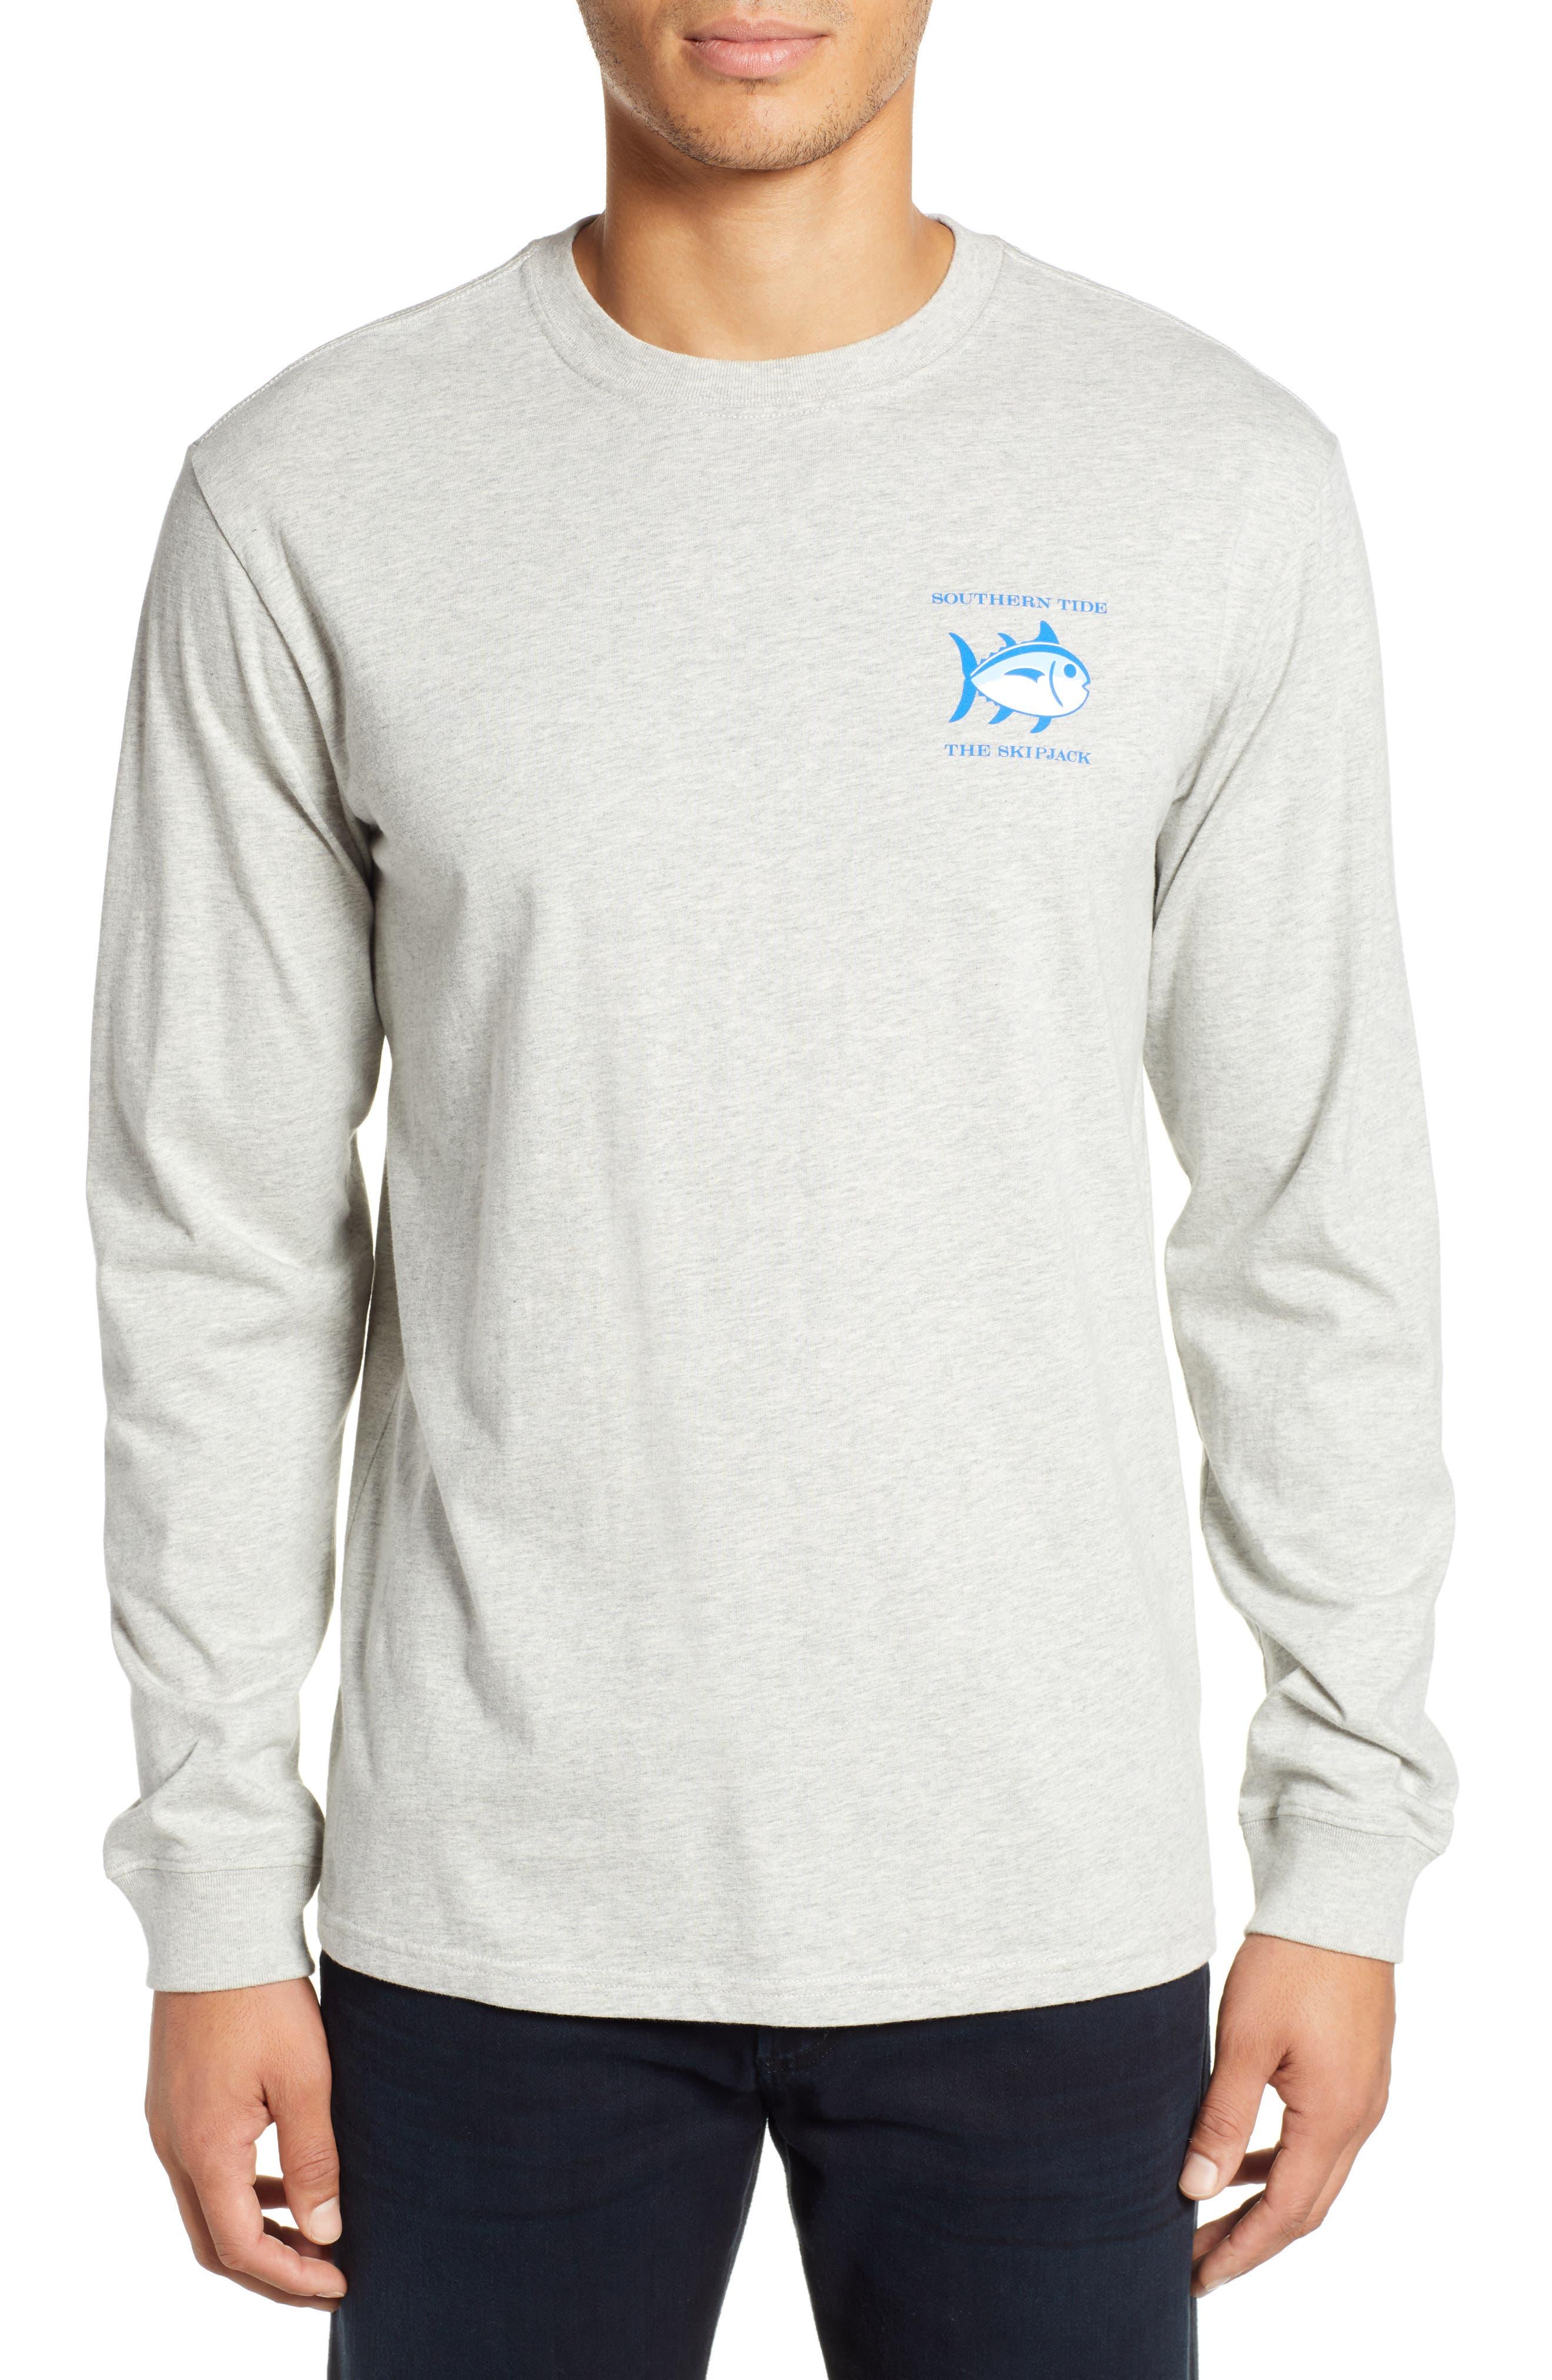 Southern Tide Original Skipjack T-Shirt, Grey